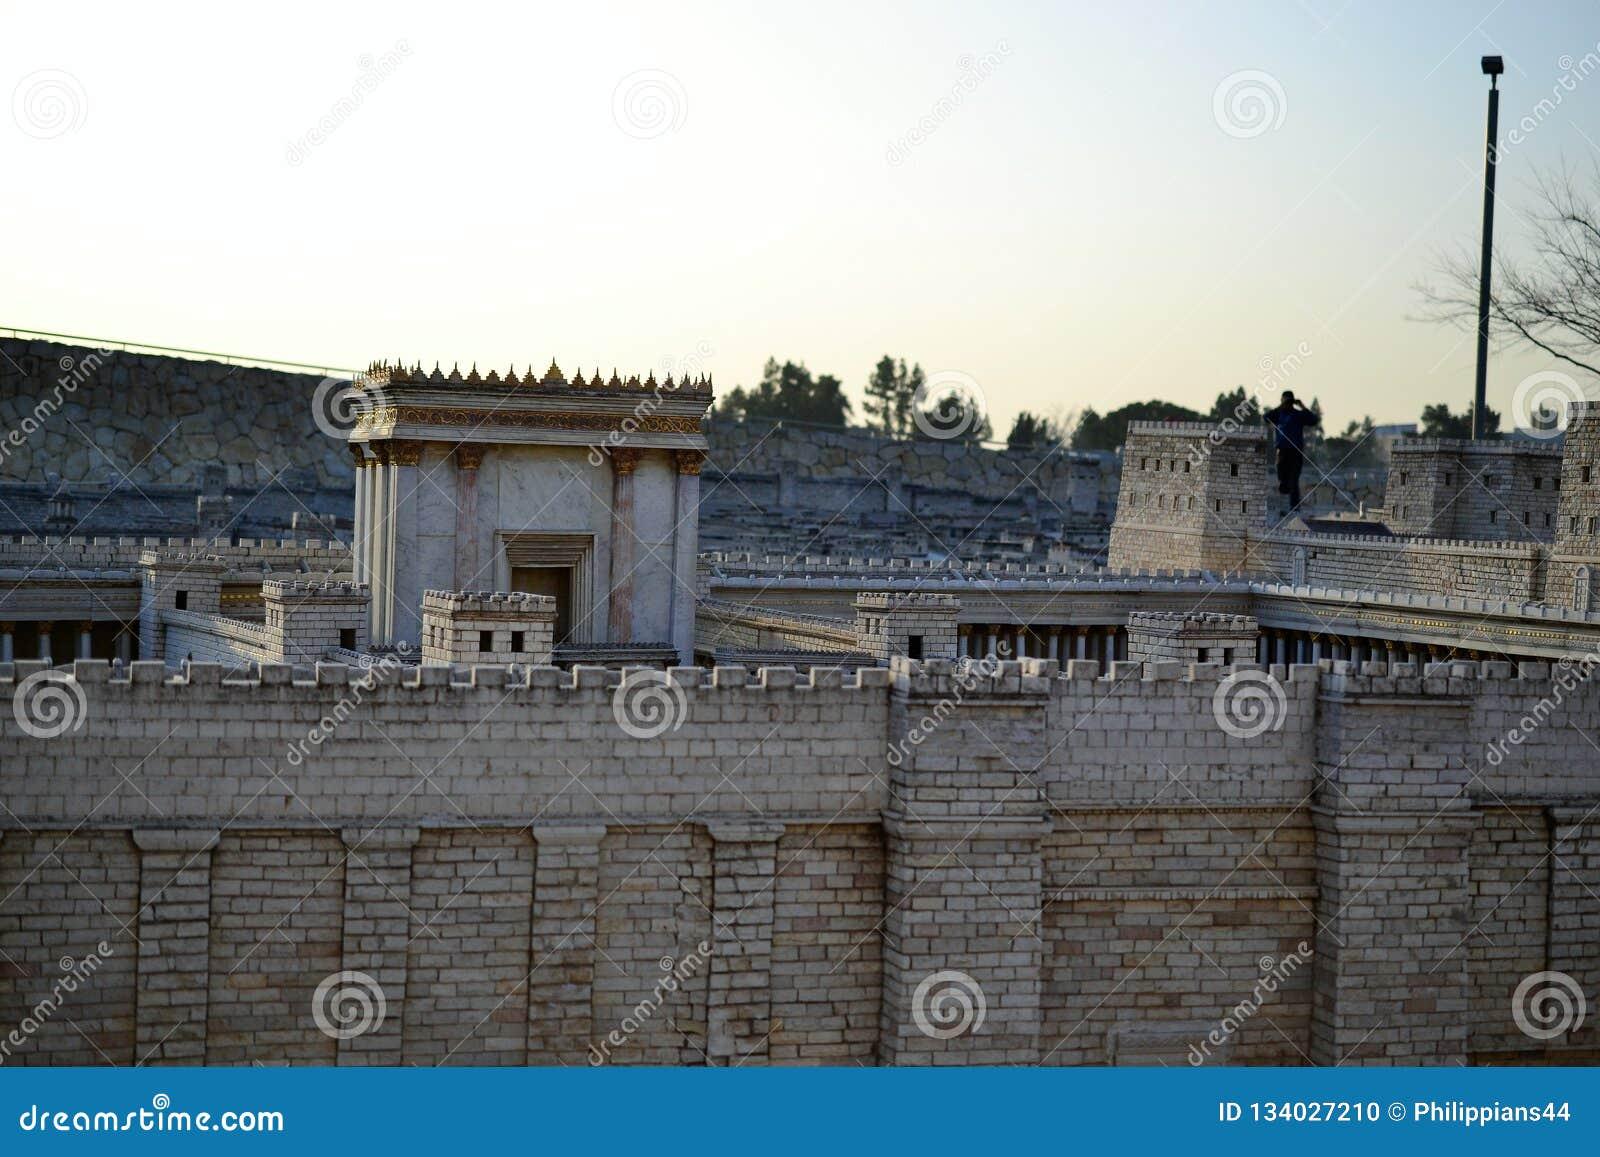 Δεύτερος ναός Μοντέλο της αρχαίας Ιερουσαλήμ Μουσείο του Ισραήλ στην Ιερουσαλήμ